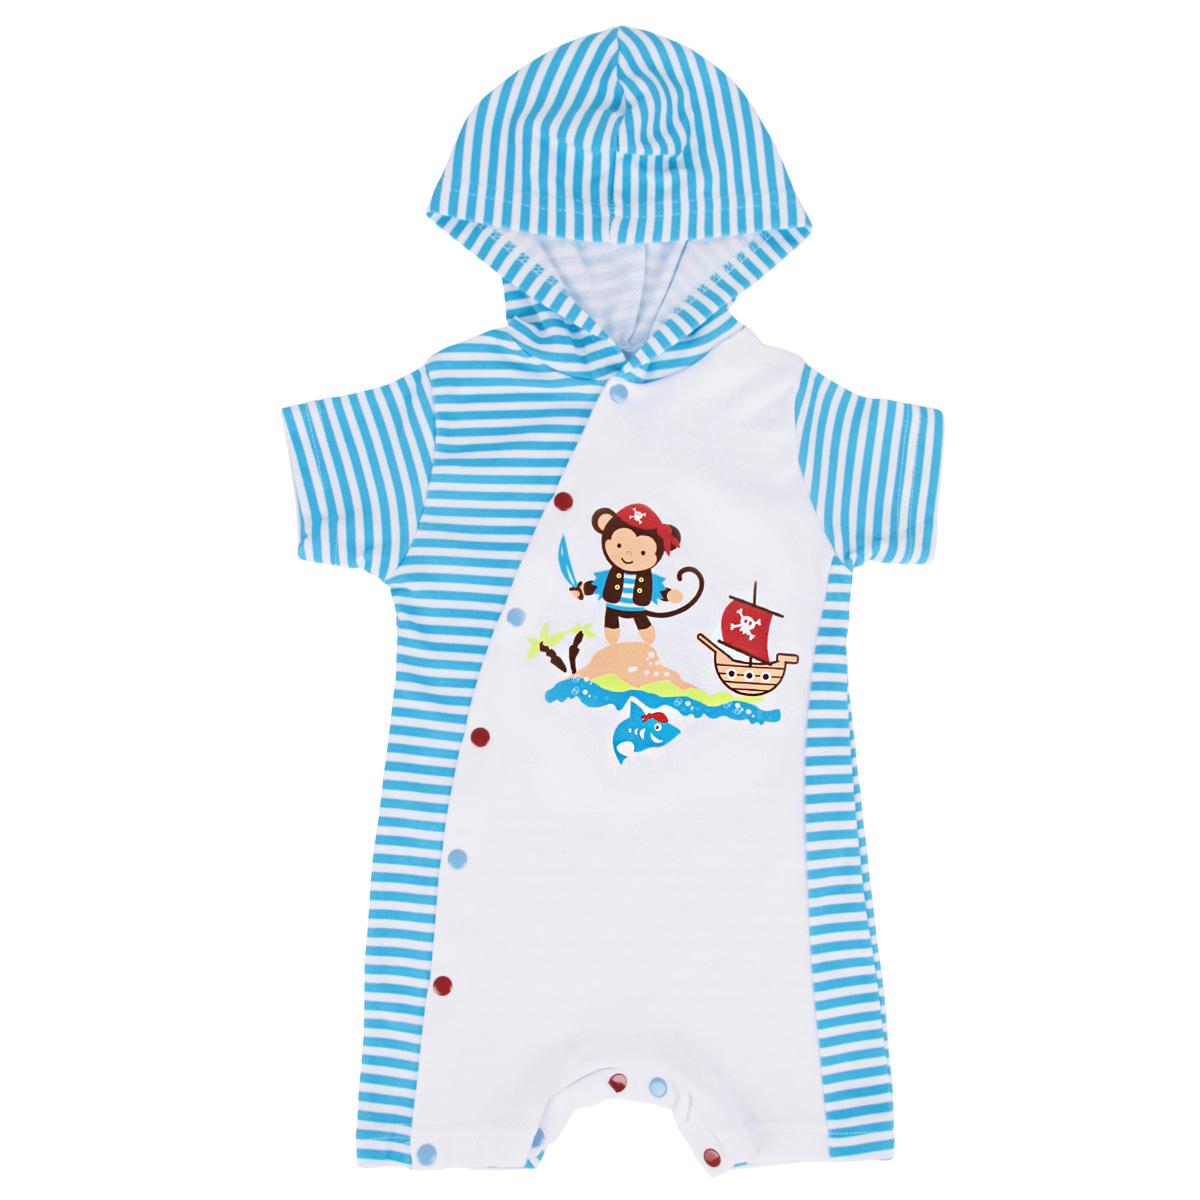 Песочник для мальчика КотМарКот, цвет: белый, голубой. 3662. Размер 62, 1-3 месяца песочник котмаркот цвет молочный